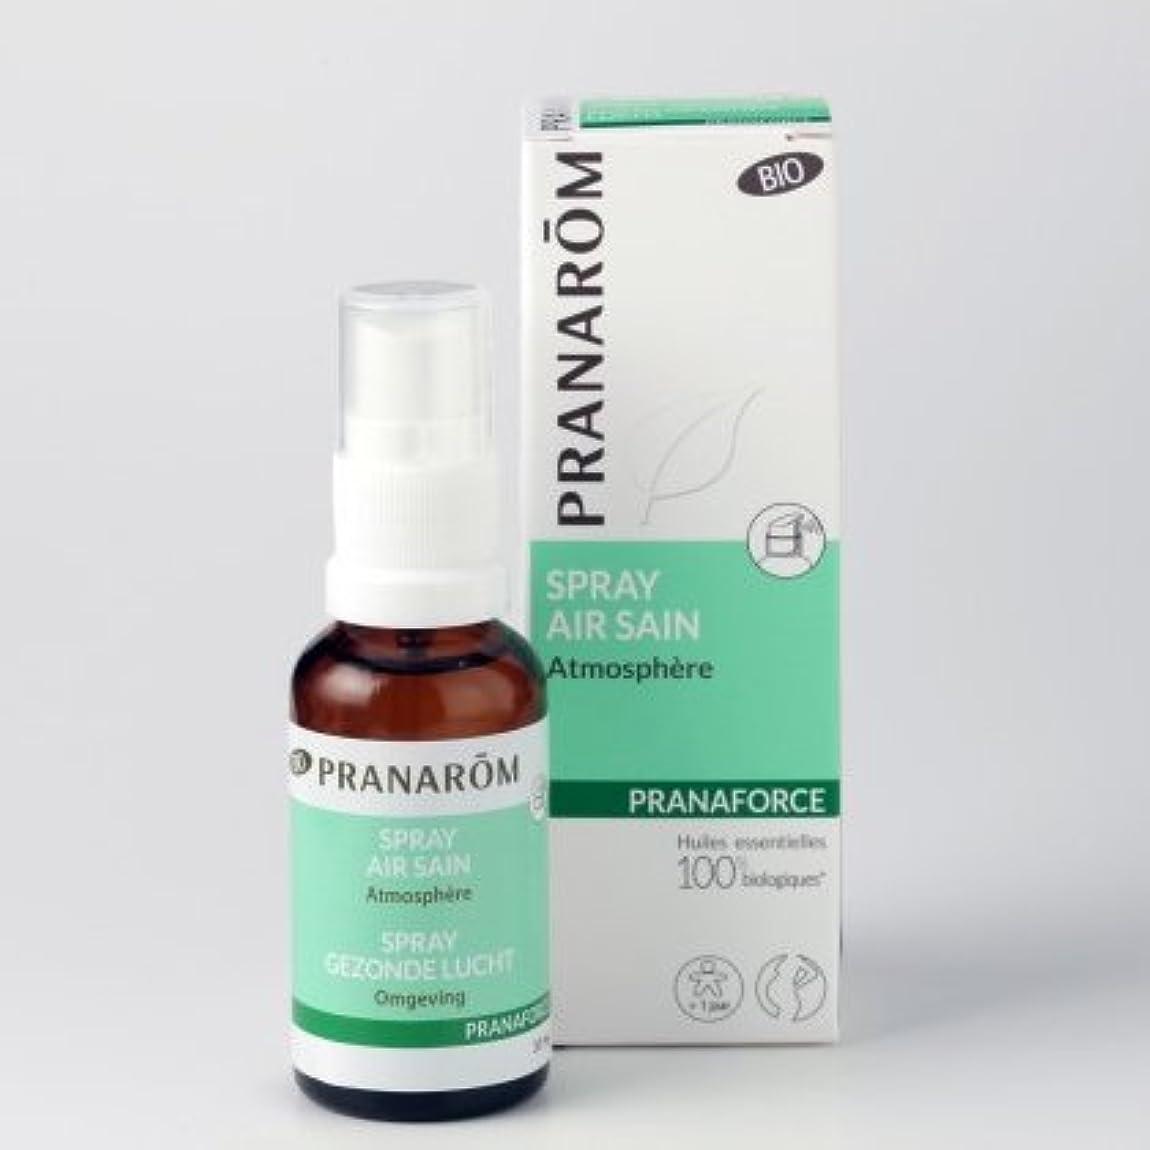 パワーセル遅れハイキングに行くメディカルアロマのプラナロムが作った芳香剤 プラナフォーススプレー